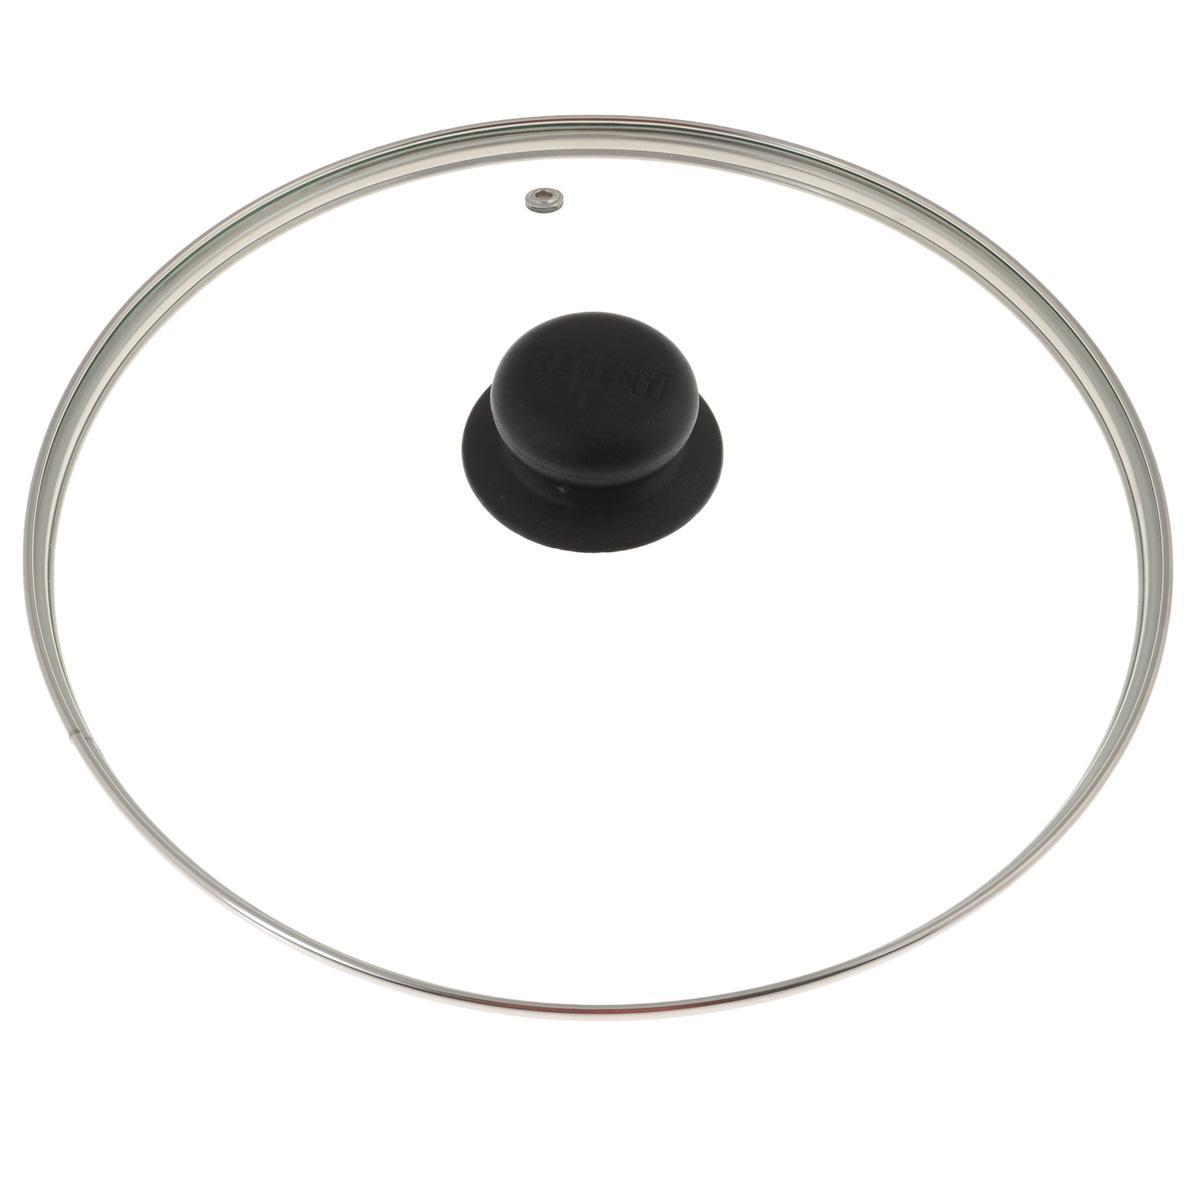 Крышка Regent Inox, стеклянная. Диаметр 26 см26Крышка Regent Inox изготовлена из термостойкого стекла. Обод, выполненный из высококачественной нержавеющей стали, защищает крышку от повреждений, а ручка, выполненная из термостойкого пластика, защищает ваши руки от высоких температур. Крышка удобна в использовании, позволяет контролировать процесс приготовления пищи. Имеется отверстие для выпуска пара.